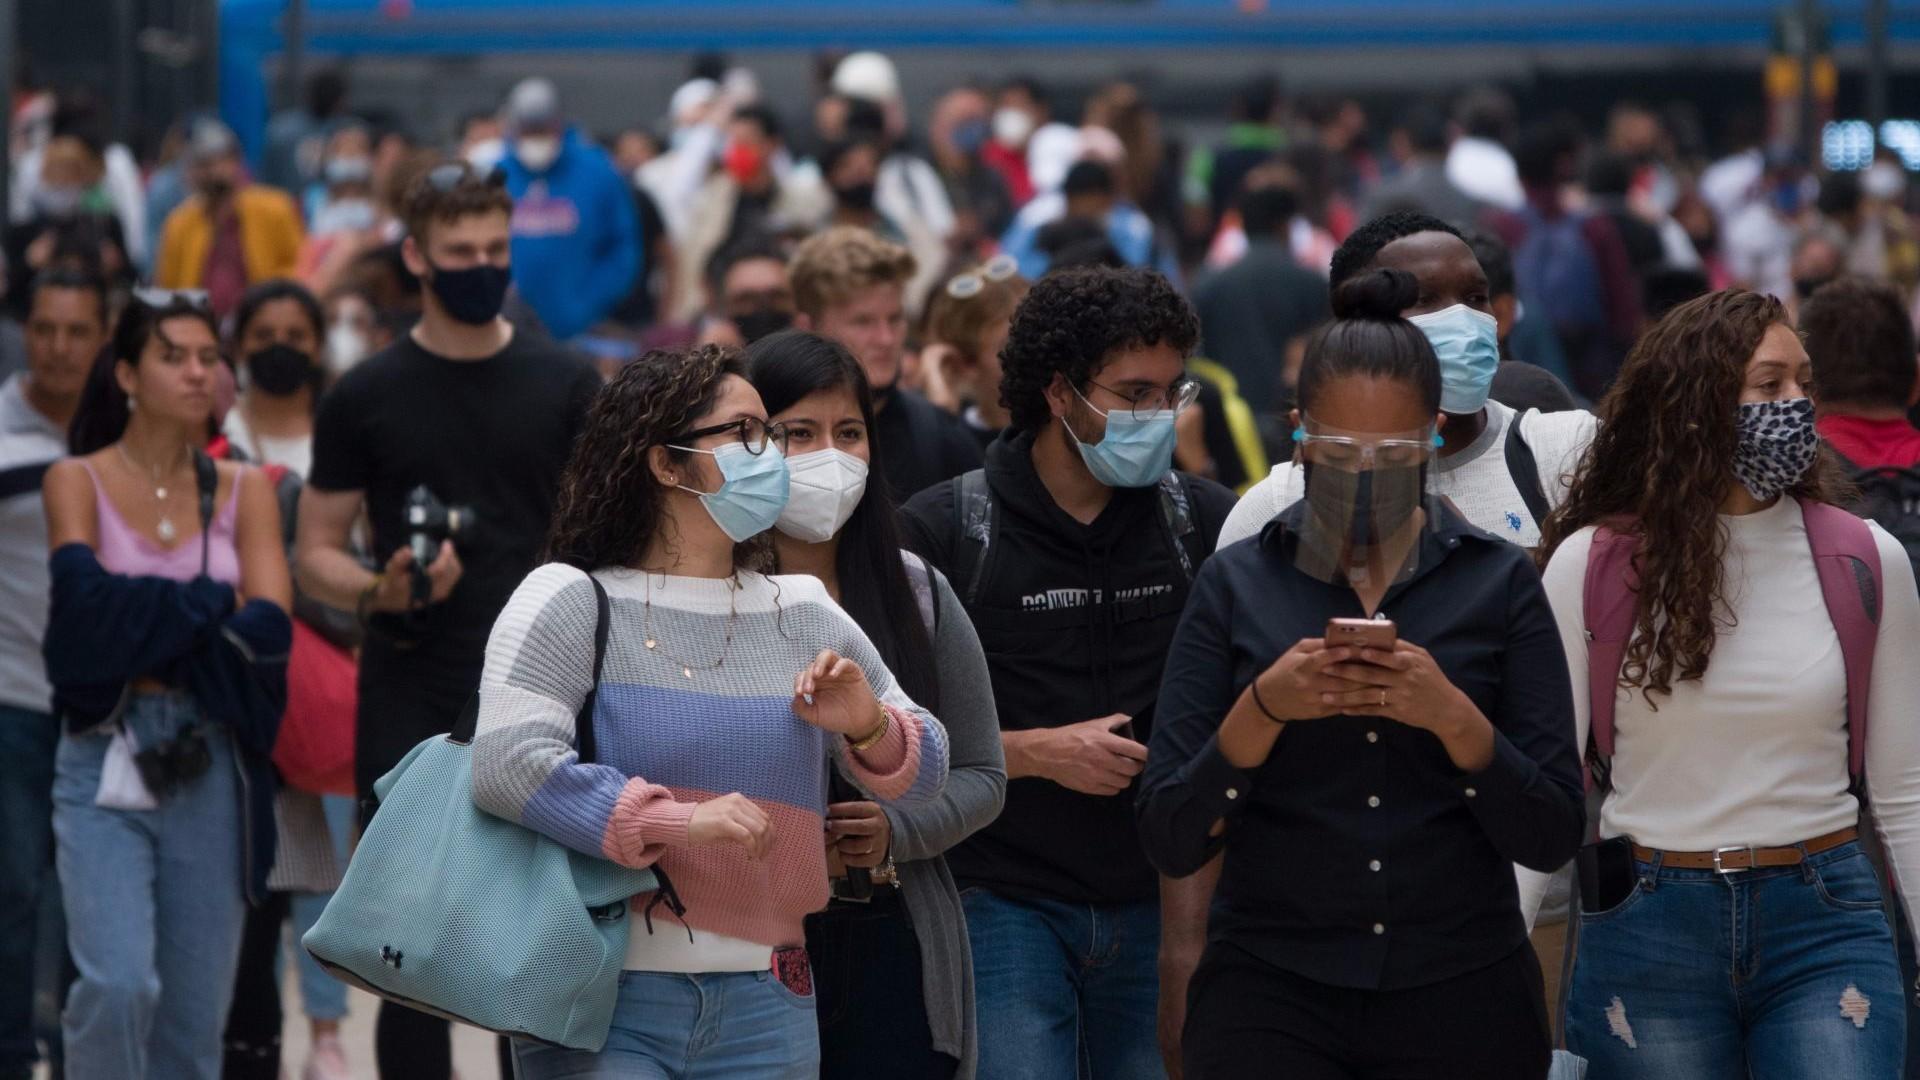 La SSA informó de más de 20 mil nuevos contagios en México este jueves, regresando a las cifras elevadas de las últimas dos semanas.